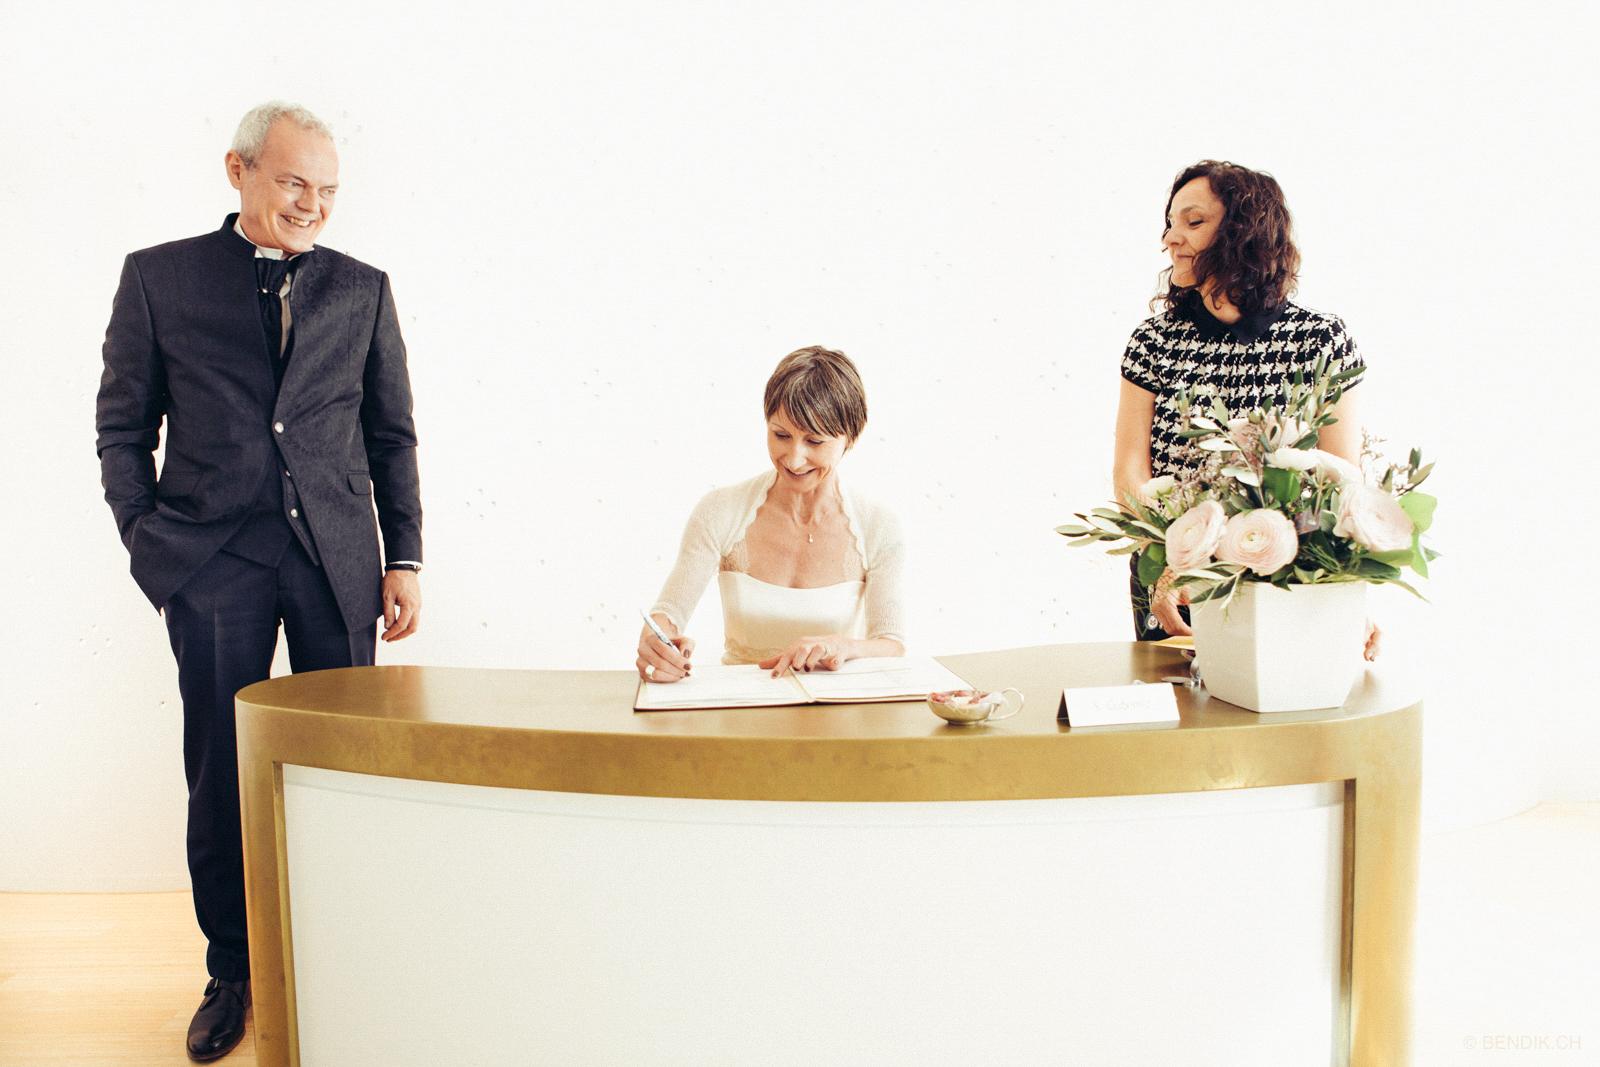 Braut unterschreibt lachend Eheurkunde